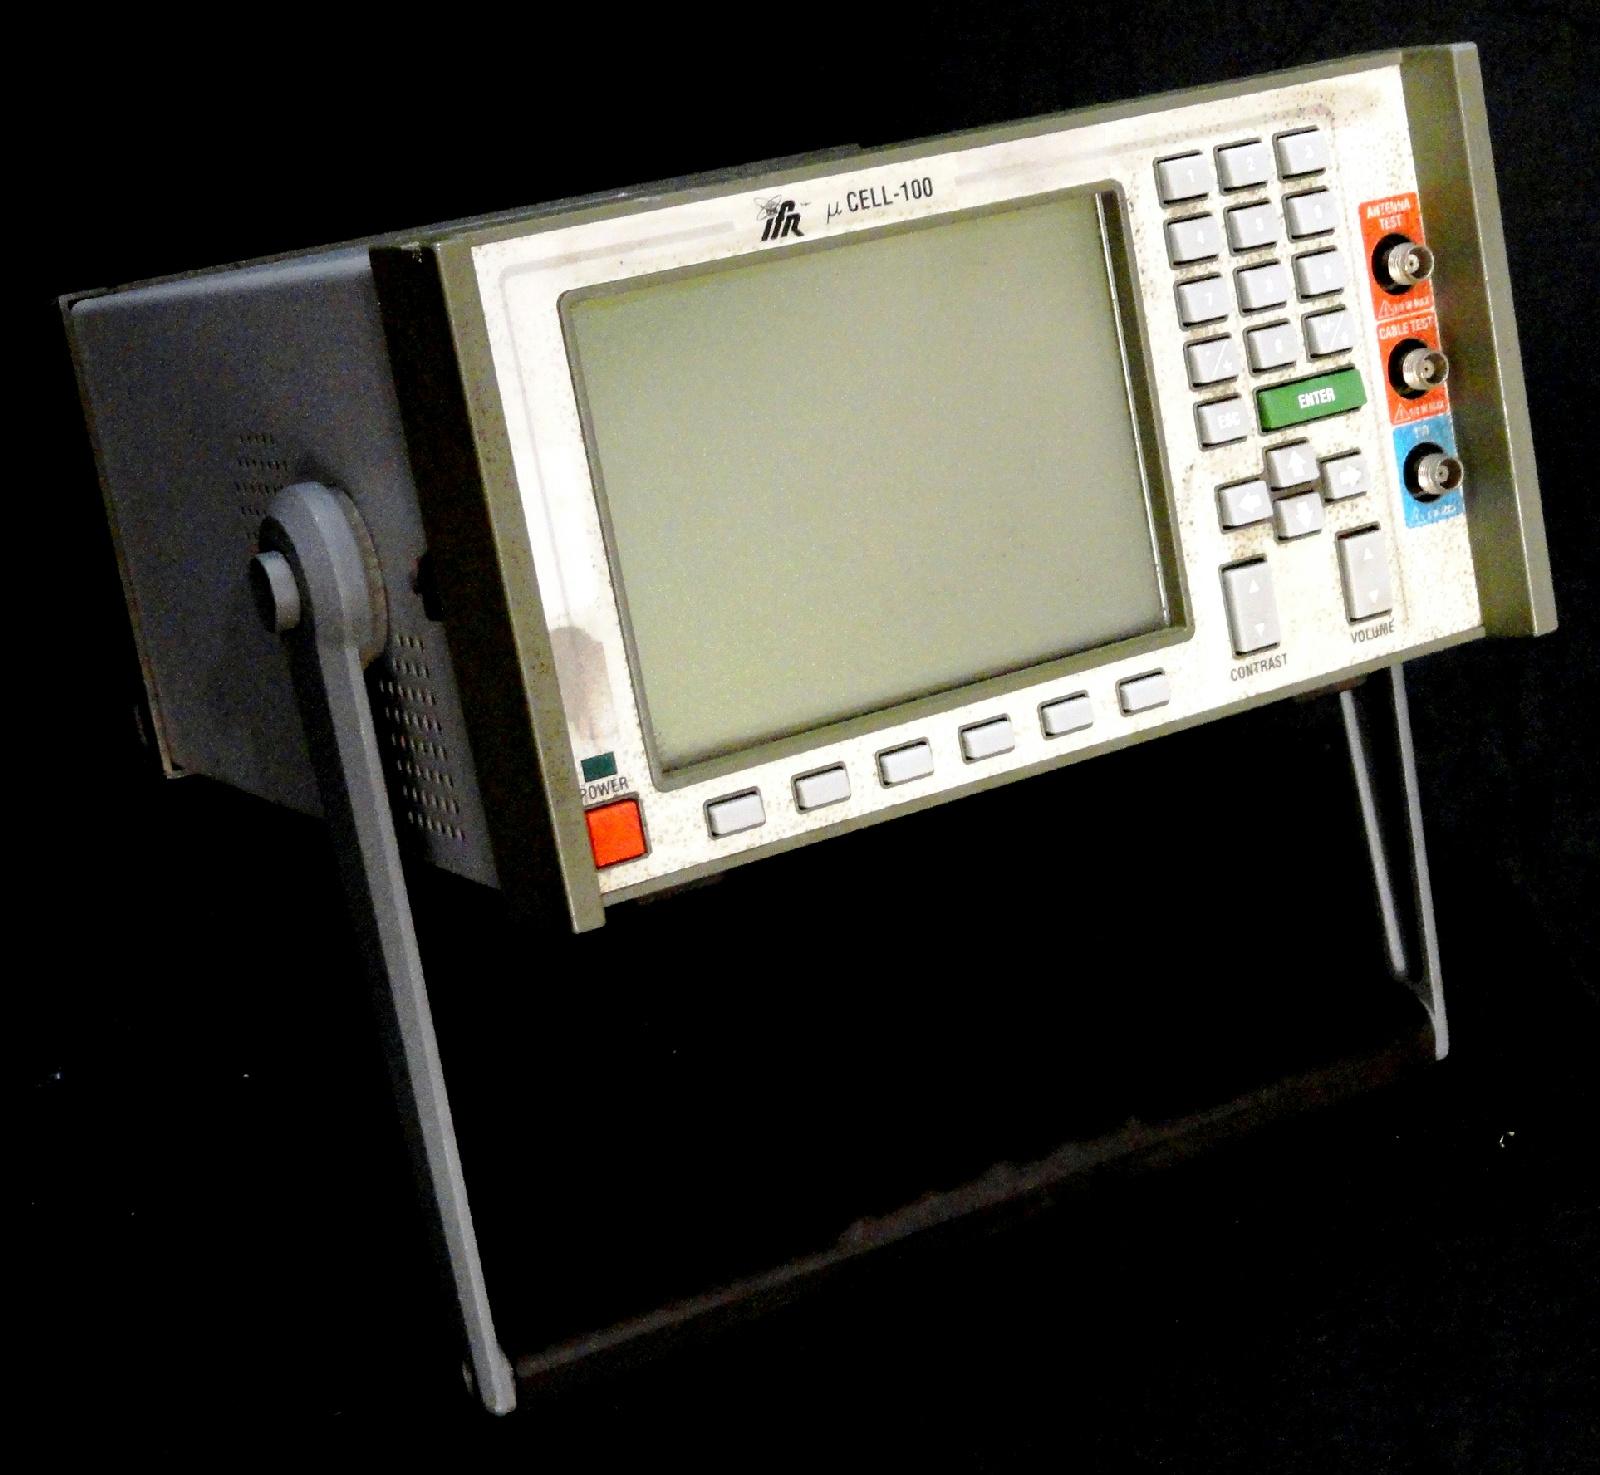 ifr ucell 100 digital radio test set large lcd display. Black Bedroom Furniture Sets. Home Design Ideas